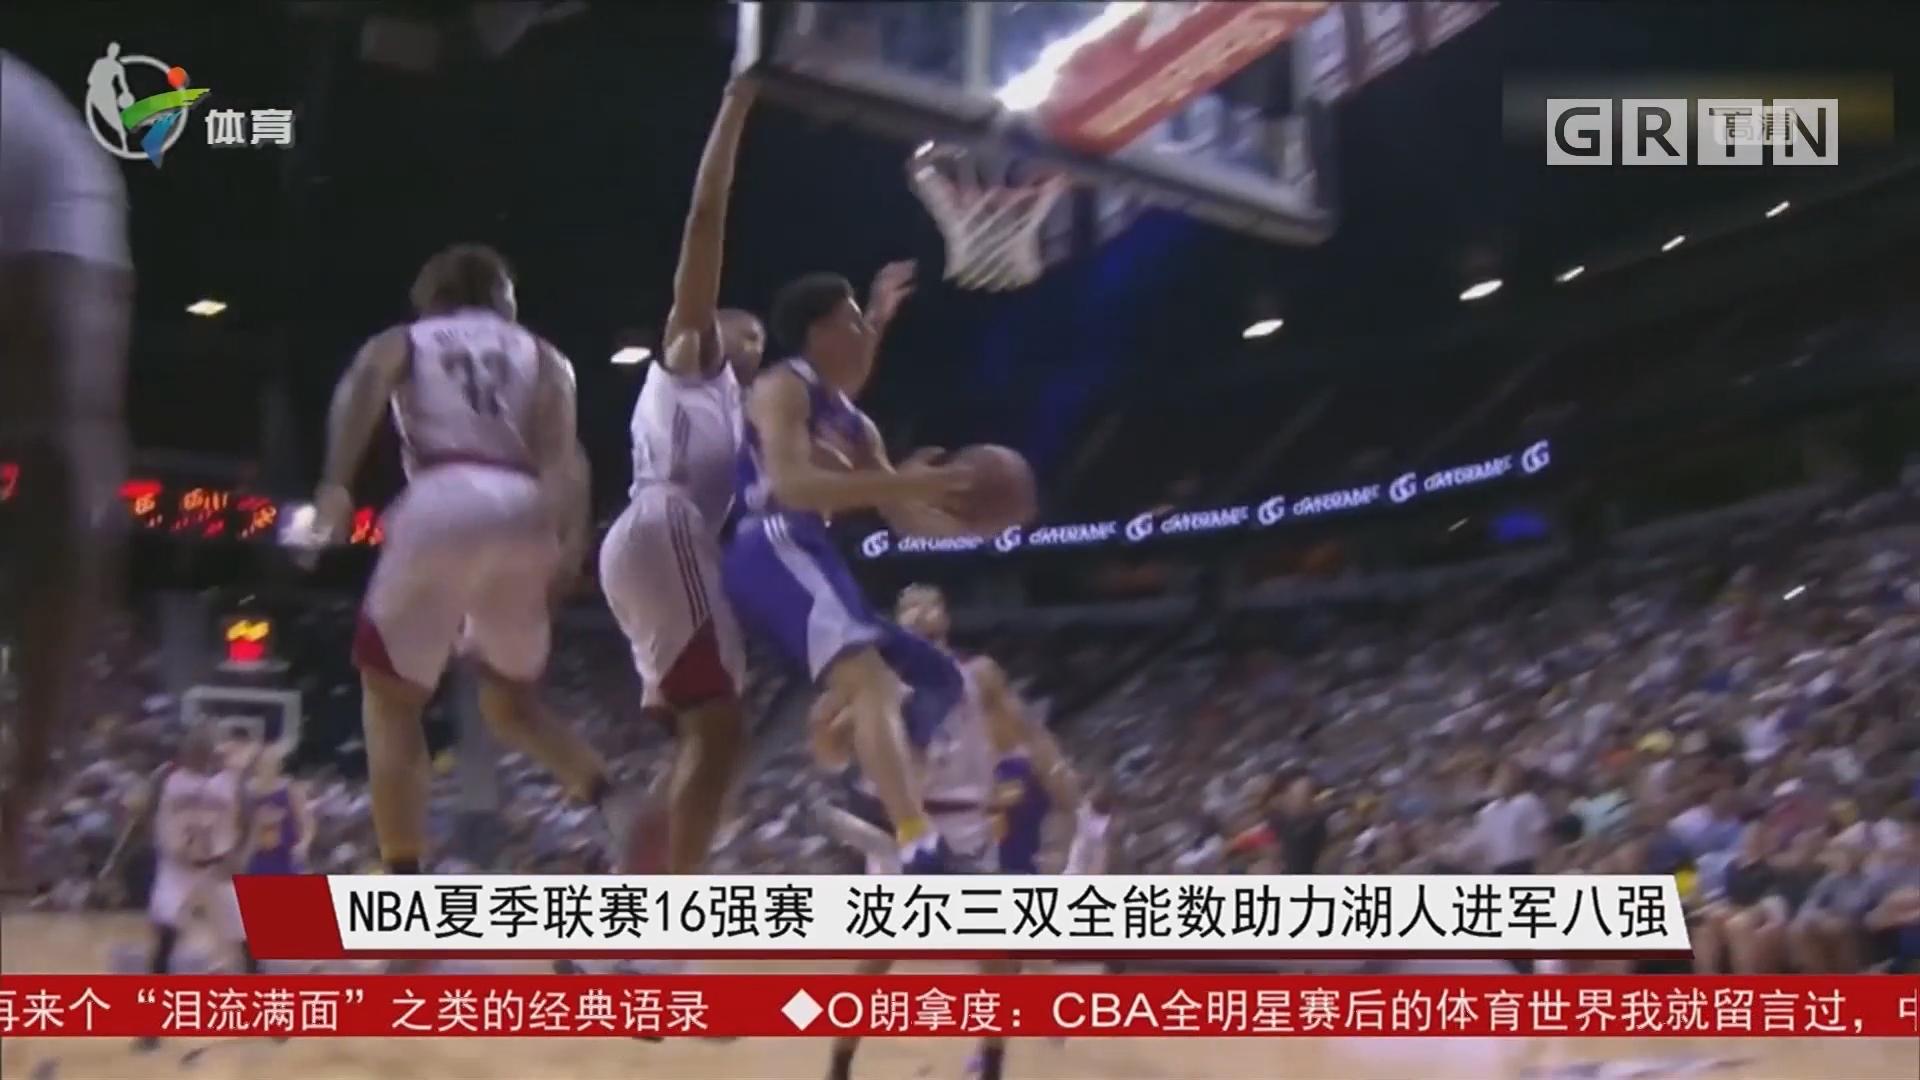 NBA夏季联赛16强赛 波尔三双全能数助力湖人进军八强